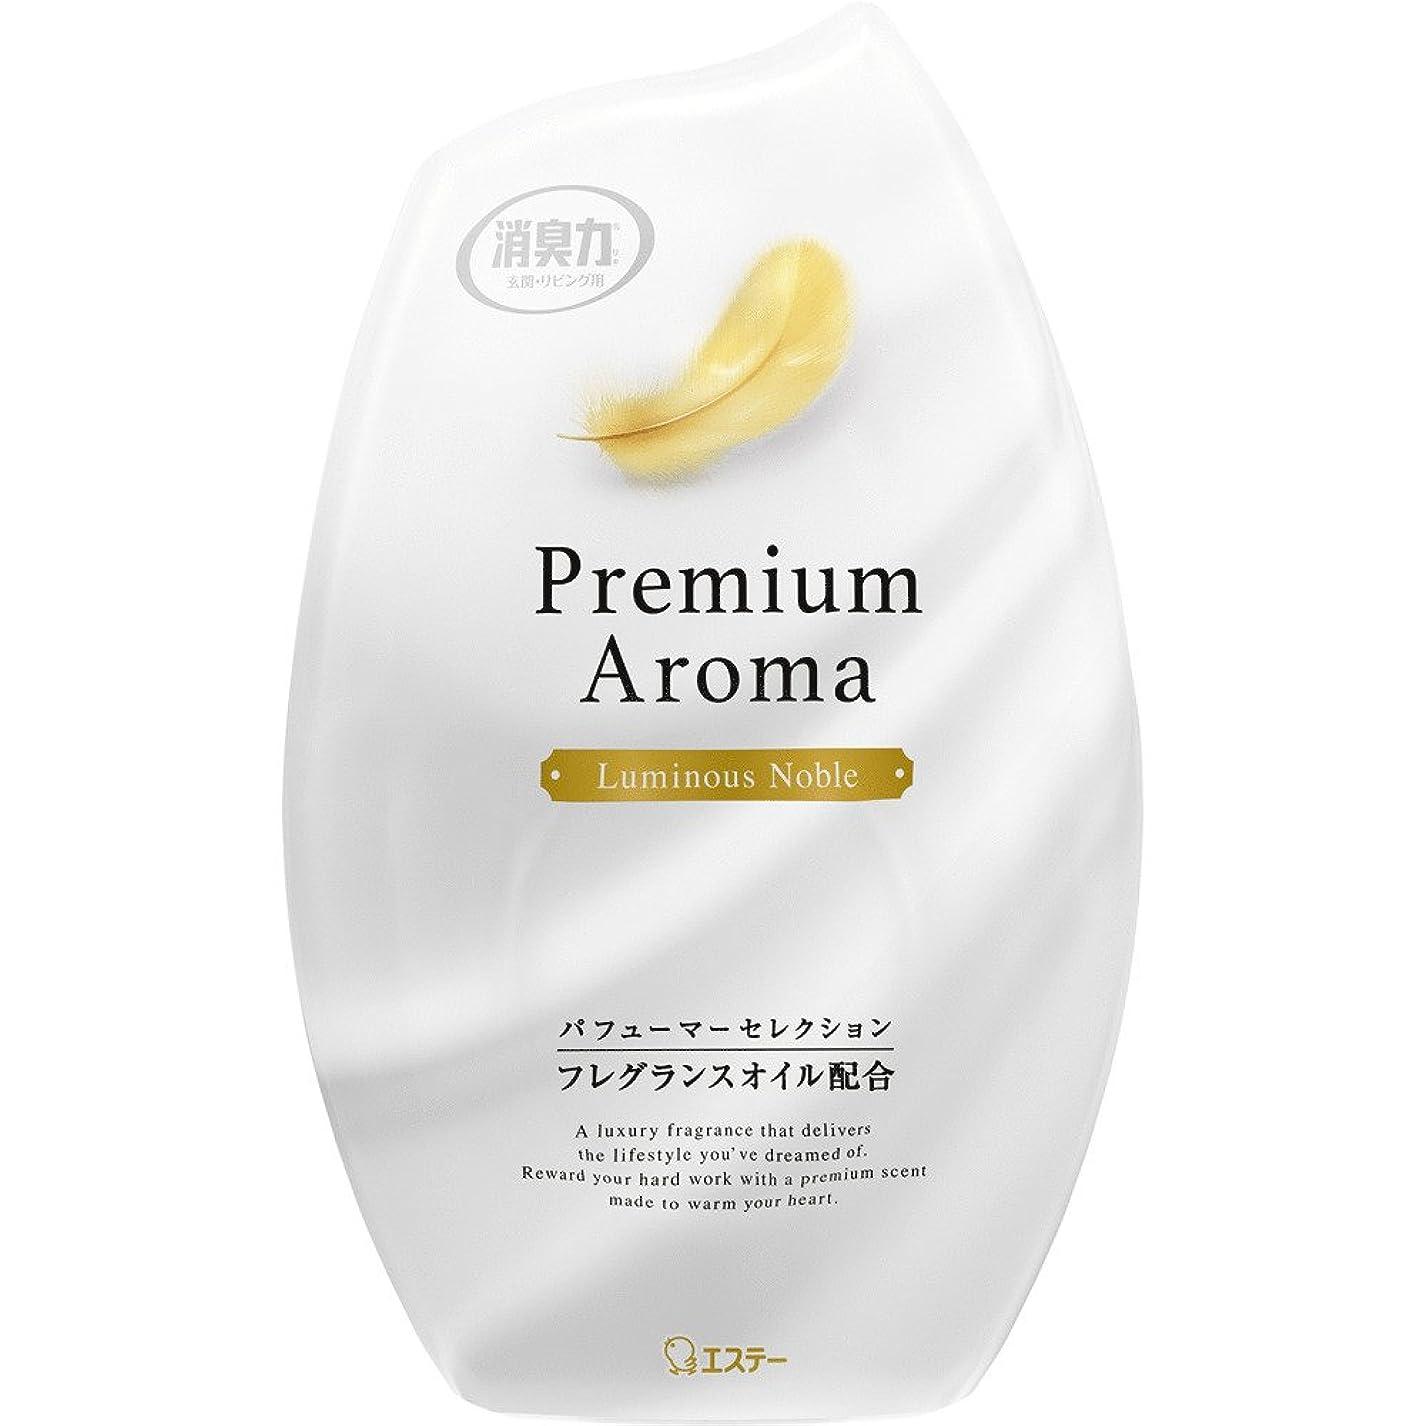 最も遠い偏差何お部屋の消臭力 プレミアムアロマ Premium Aroma 消臭芳香剤 部屋用 部屋 ルミナスノーブルの香り 400ml